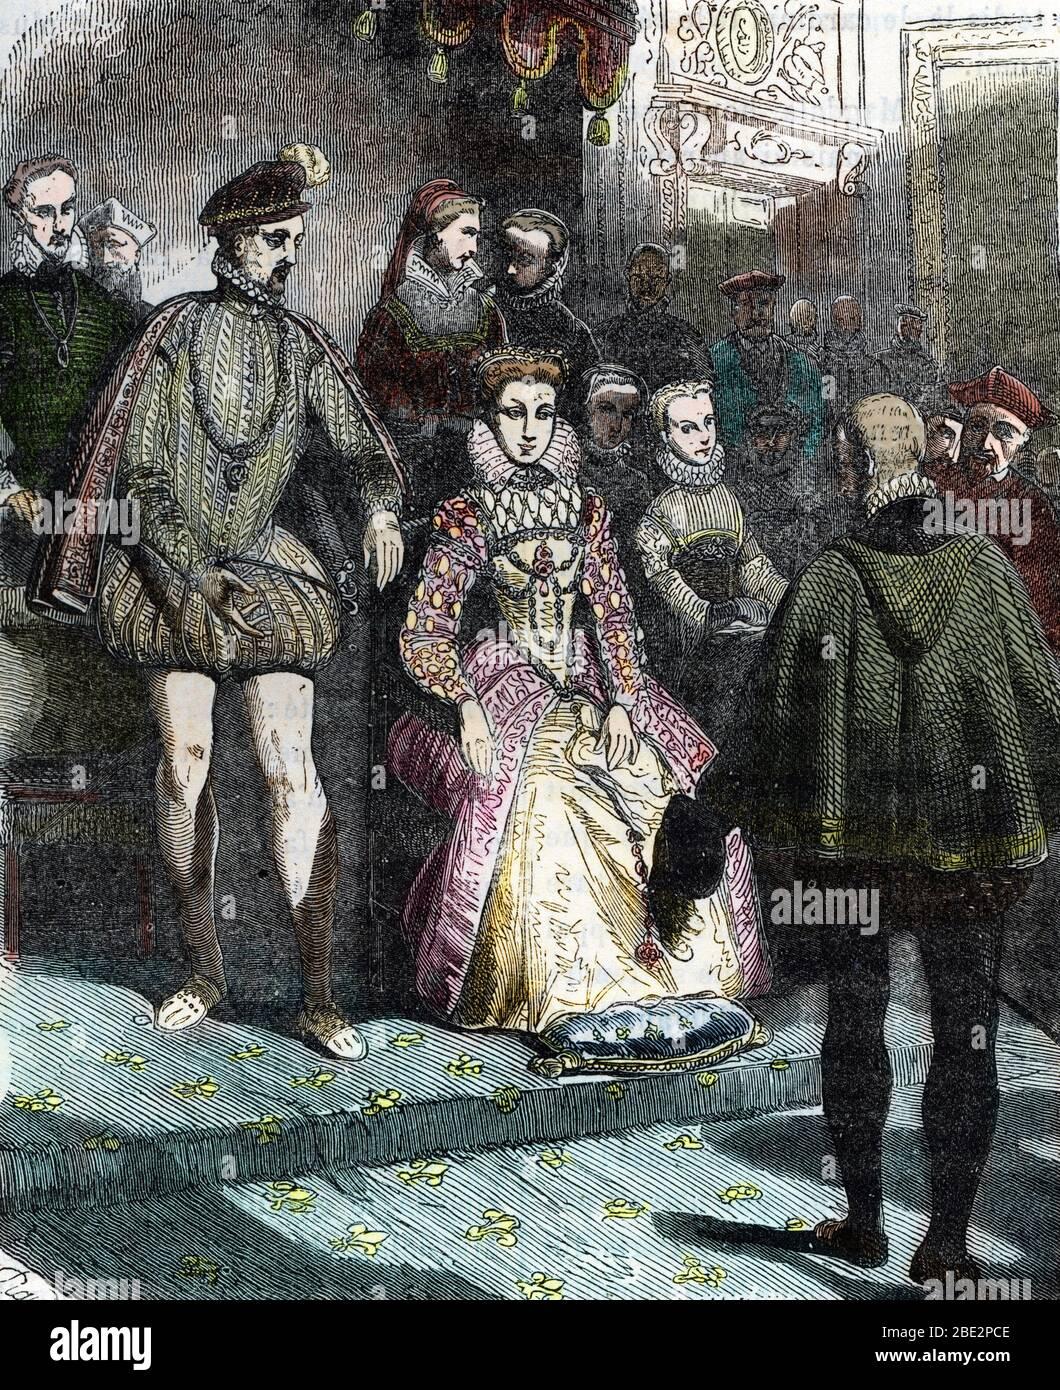 Le roi et sa cour | Khorsabad - culture.fr